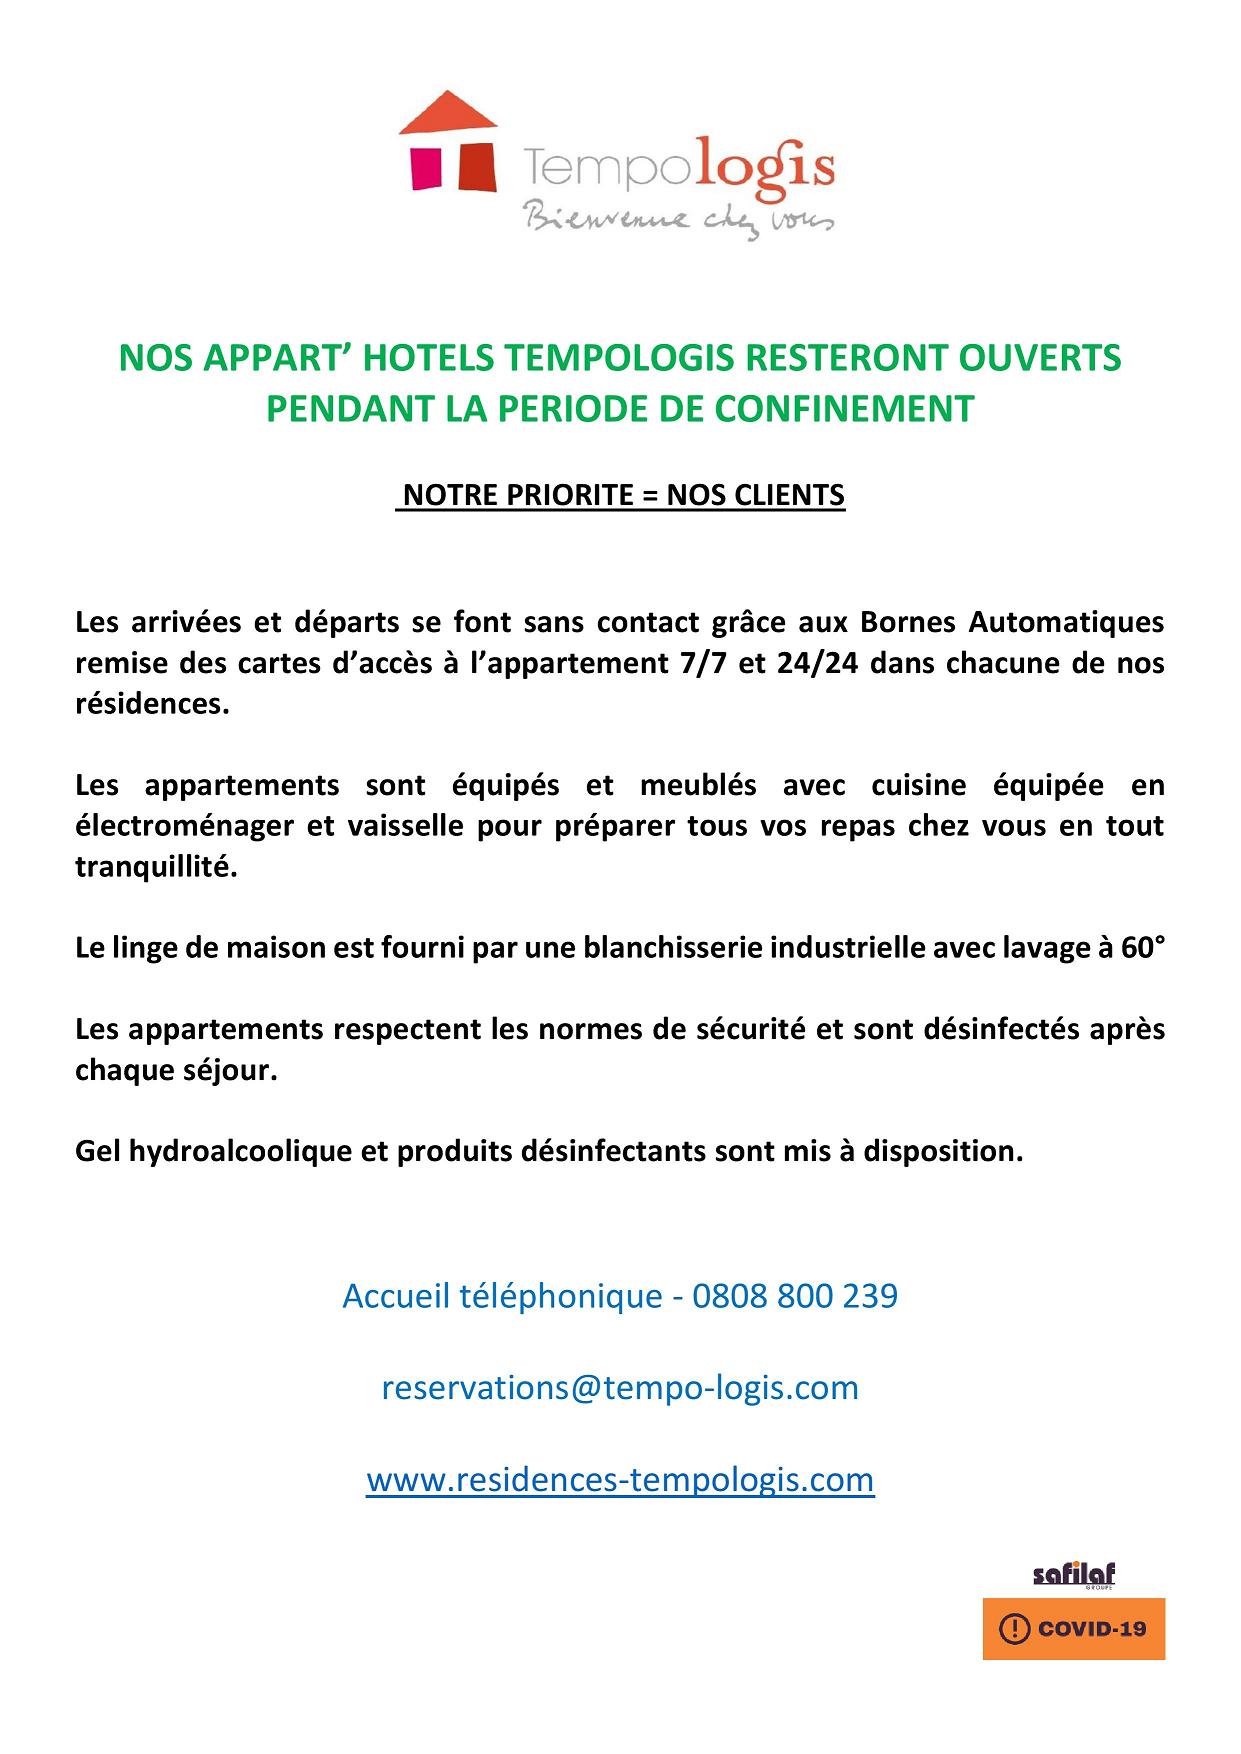 NOS APPART' HOTELS TEMPOLOGIS RESTERONT OUVERTS PENDANT LA PERIODE DE CONFINEMENT